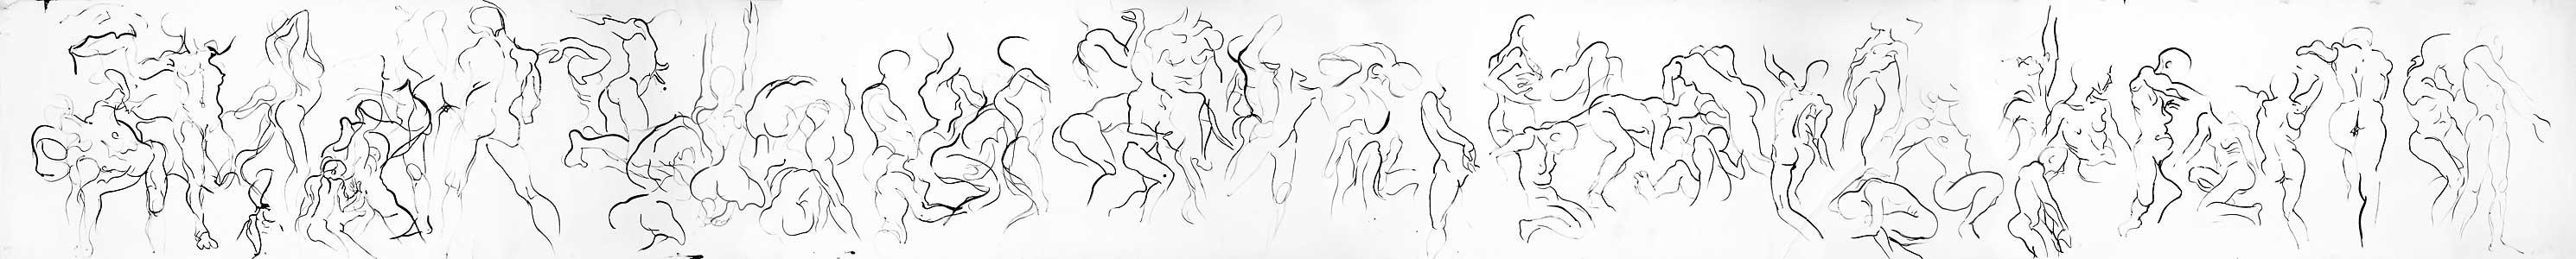 Lauren scroll, 2000, 91 cm x 884 cm, by Fred Hatt